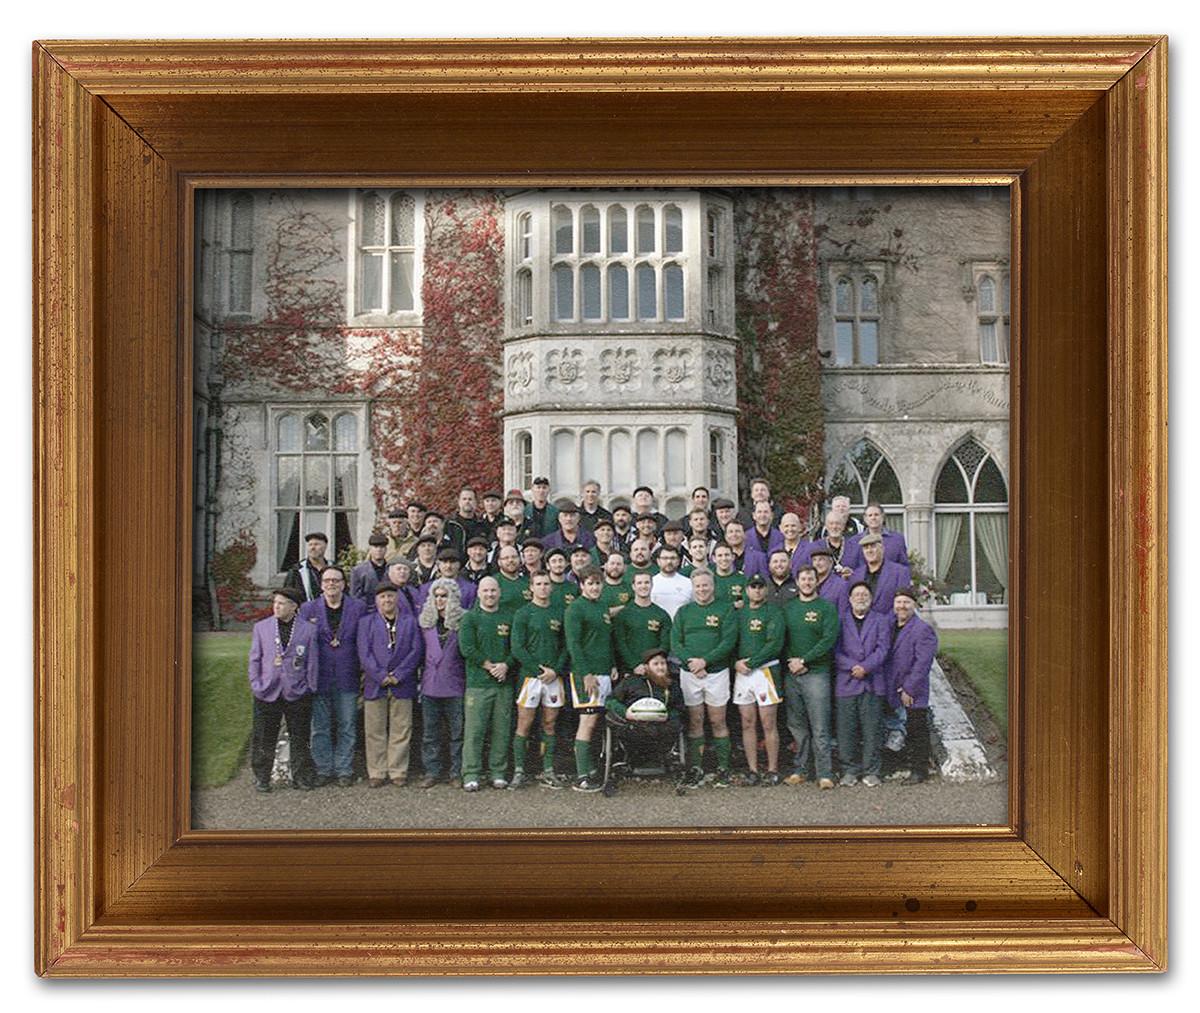 Ireland Tour 2013